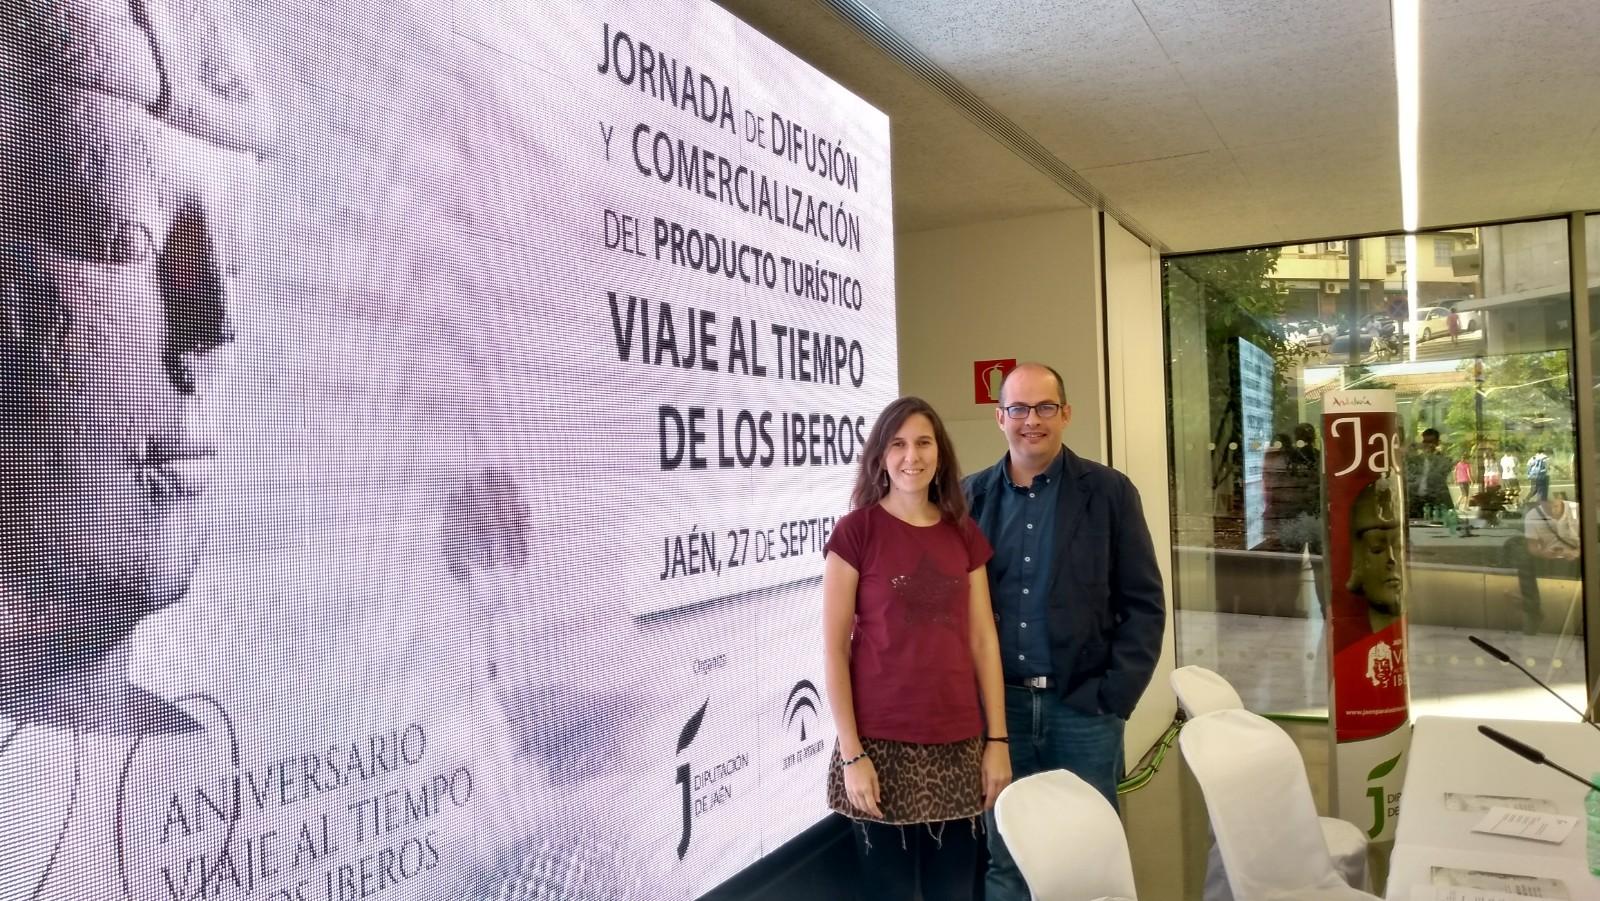 Veinte años de difusión del patrimonio íbero